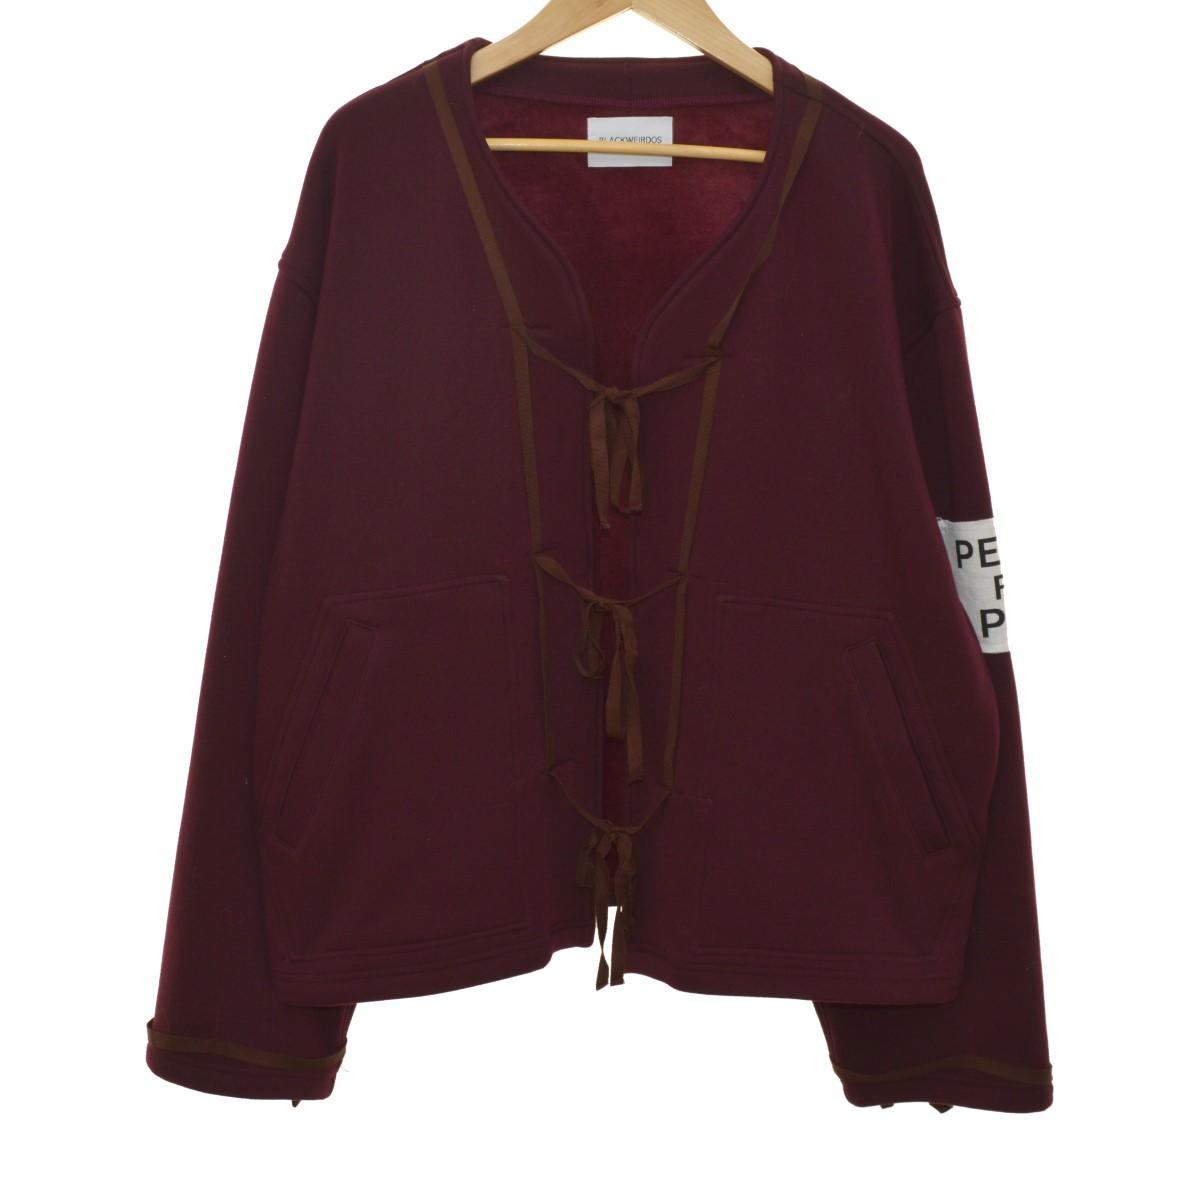 【中古】BLACK WEIRDOS 19AW Cut Jacket カンフージャケット ボルドー サイズ:M 【050420】(ブラックウィドウ)